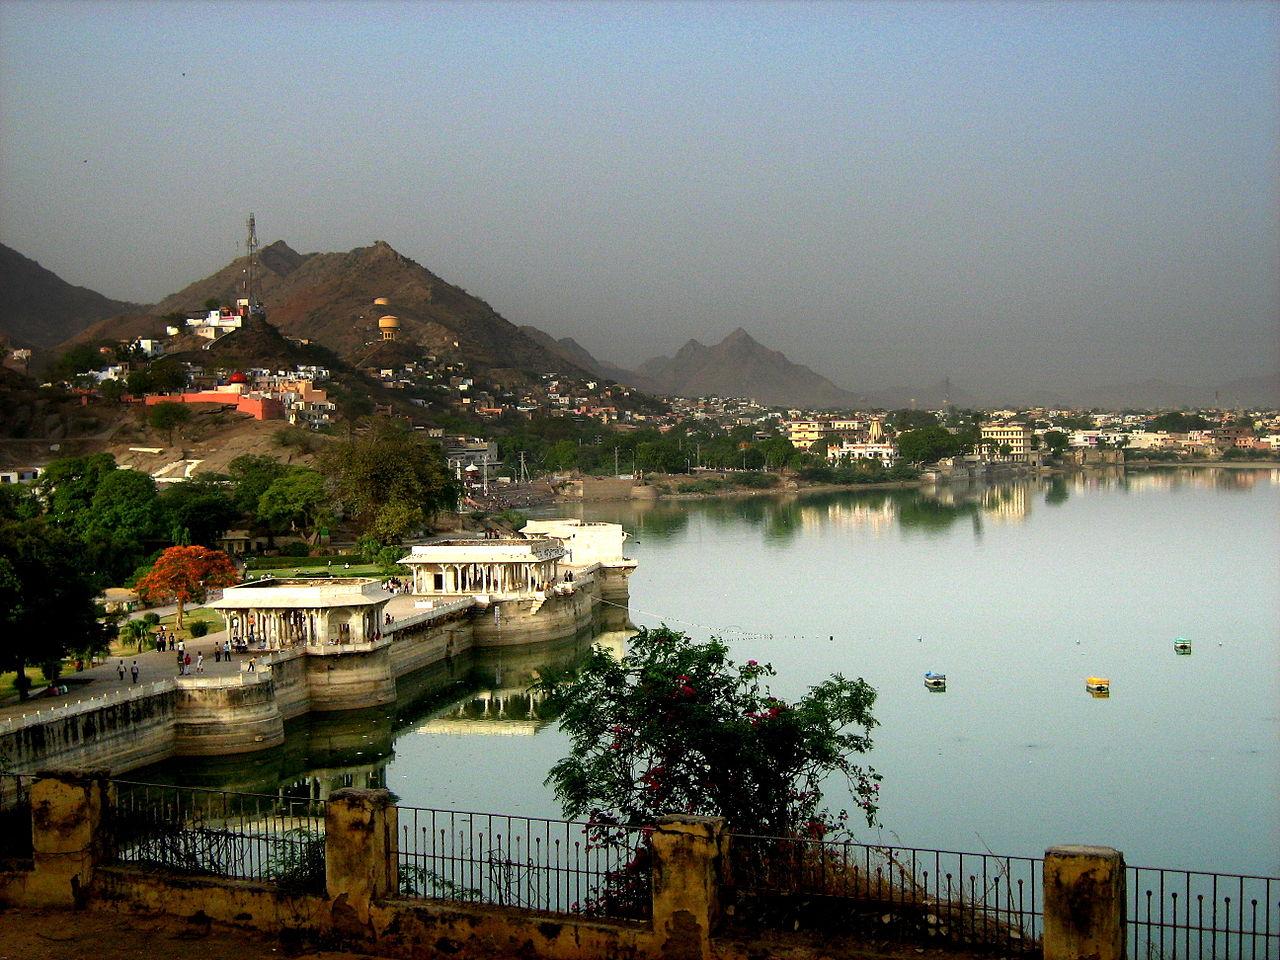 Lake in Rajasthan-Ana Sagar Lake, Ajmer